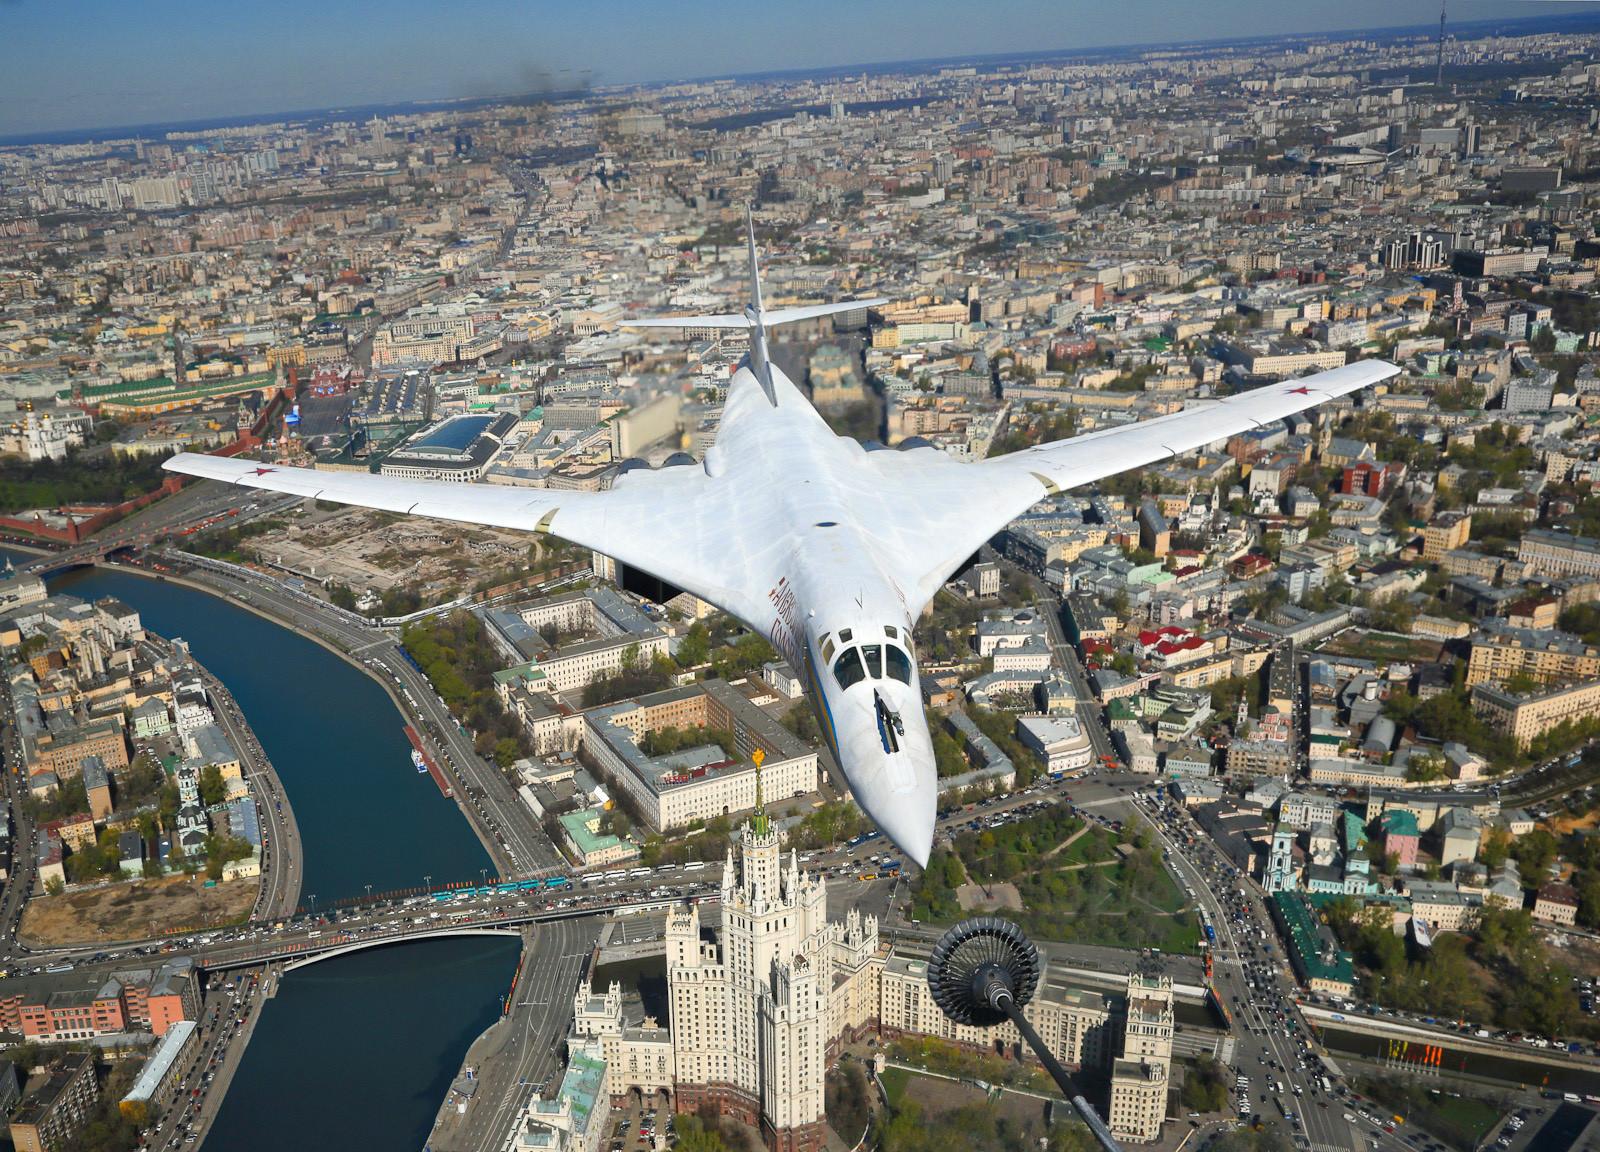 Стратешки бомбардер Тупољев Ту-160 на небото над Москва